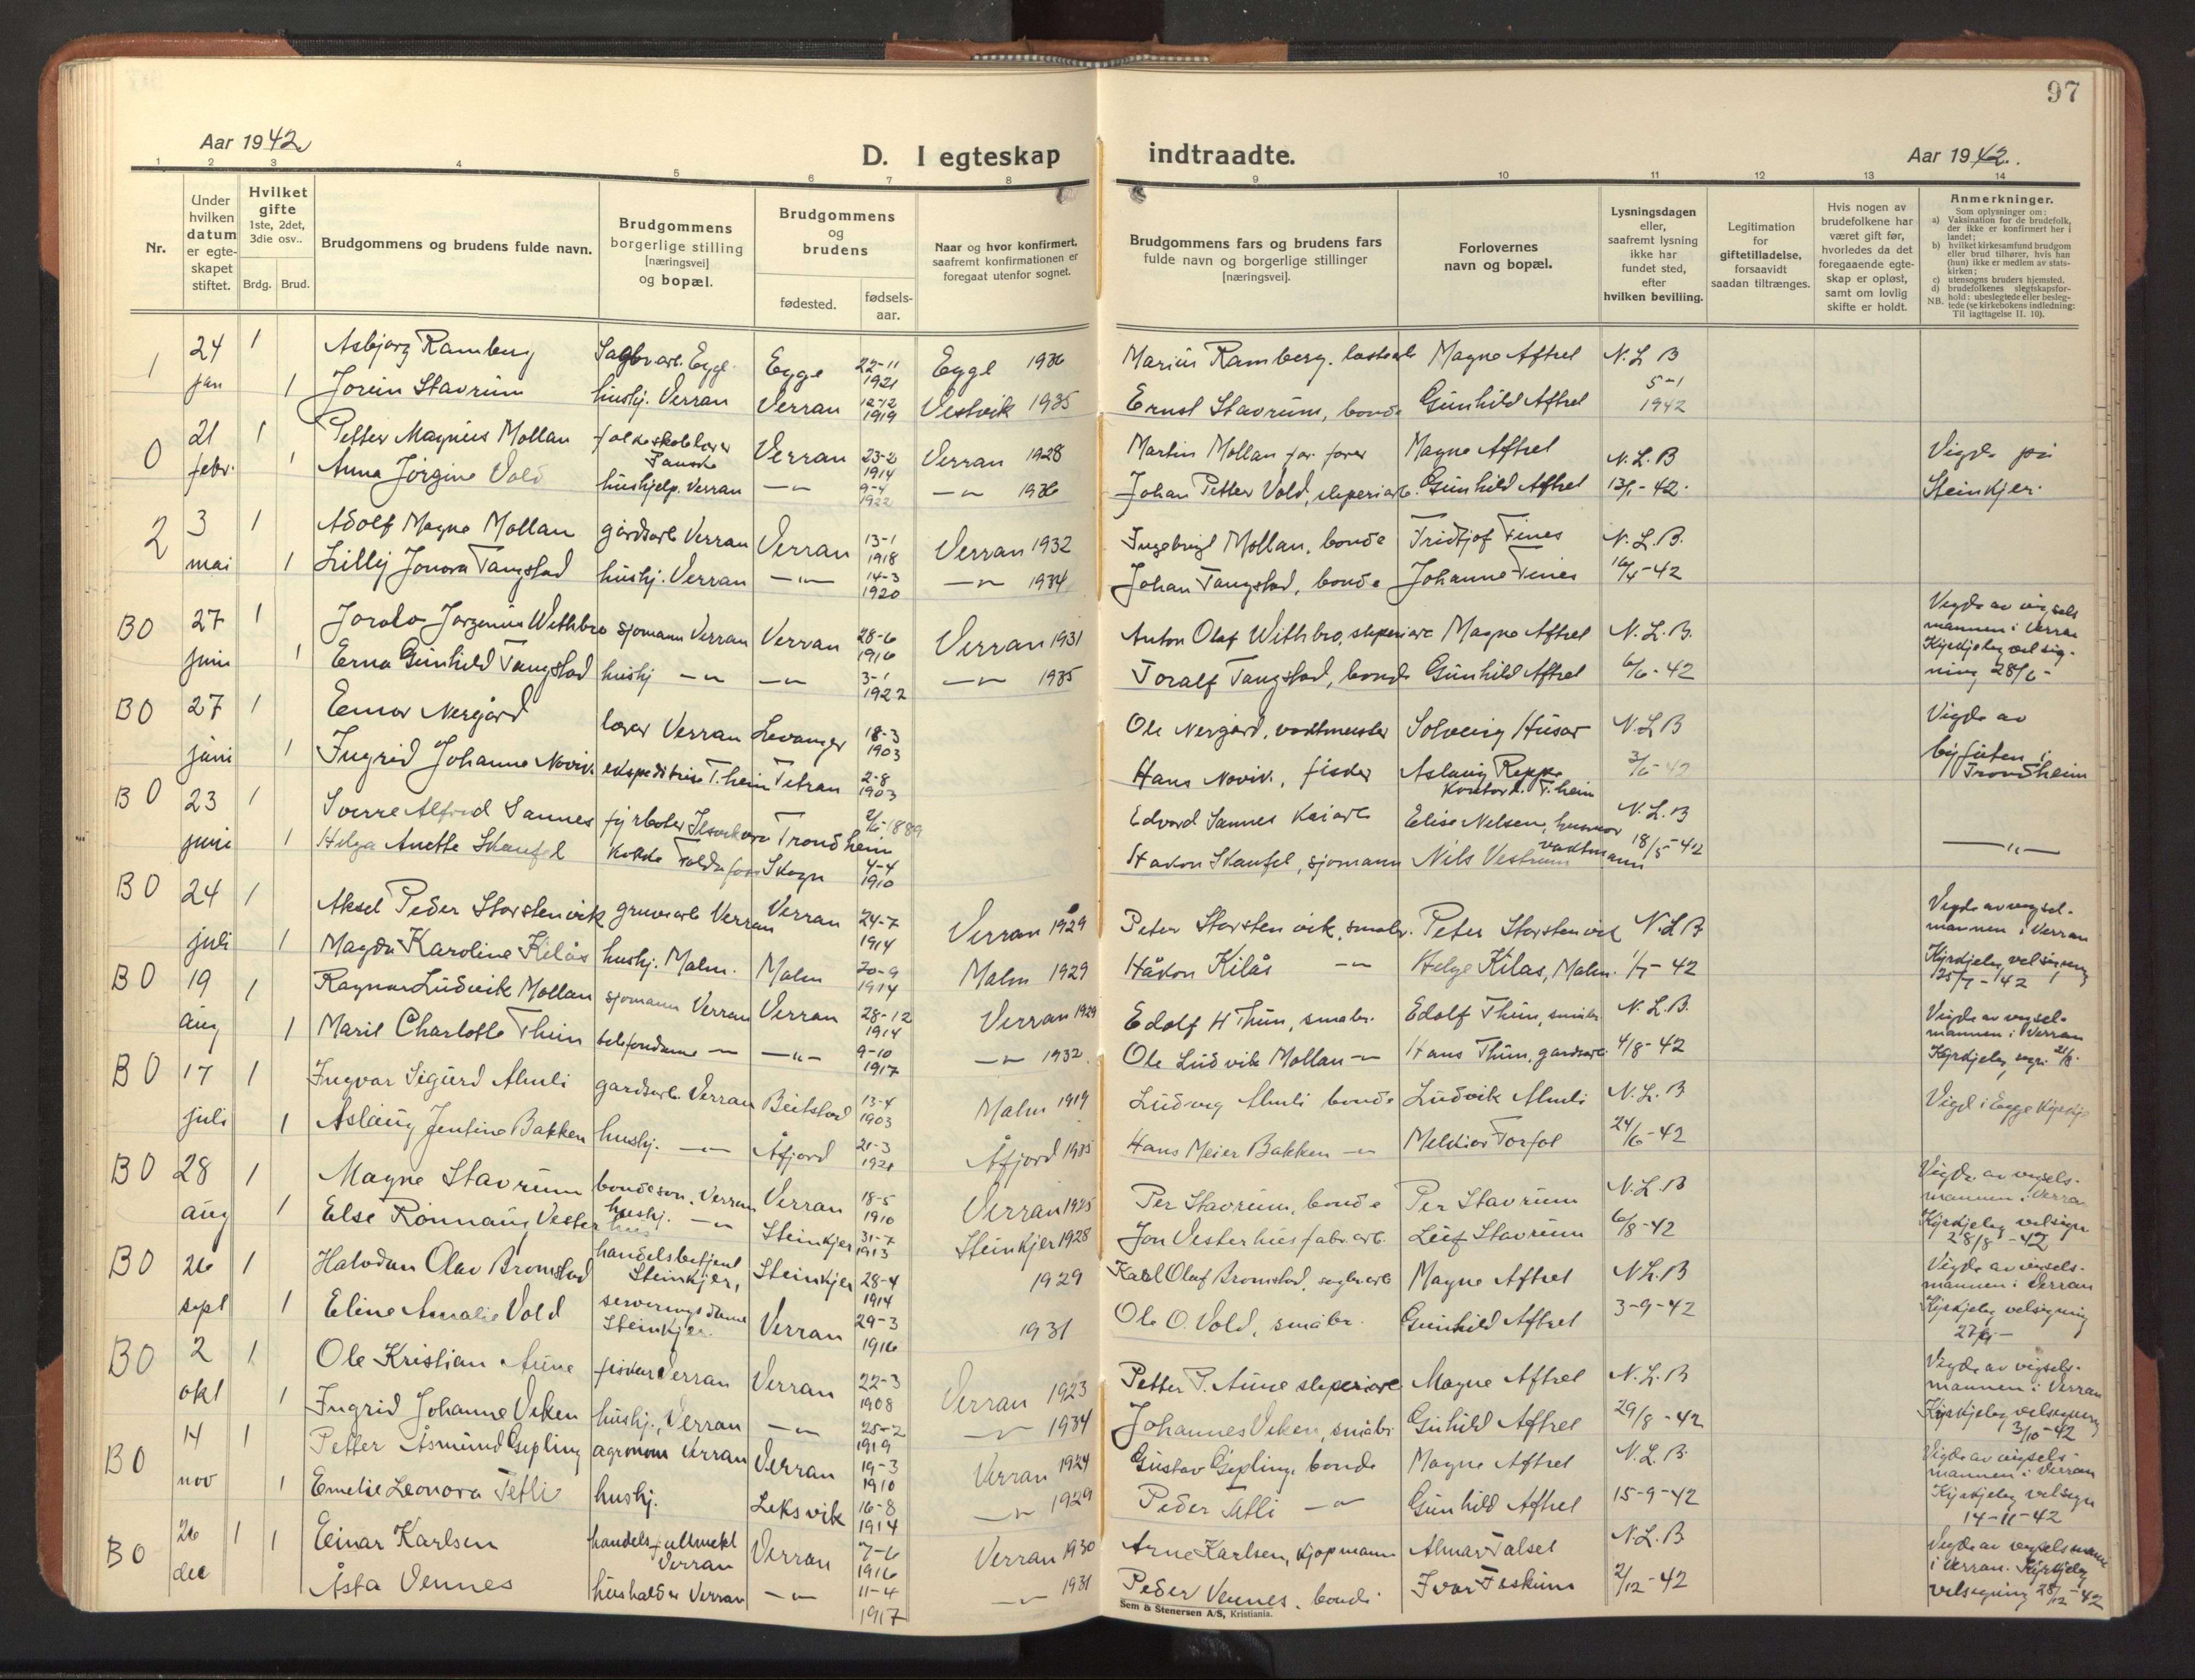 SAT, Ministerialprotokoller, klokkerbøker og fødselsregistre - Nord-Trøndelag, 744/L0425: Klokkerbok nr. 744C04, 1924-1947, s. 97